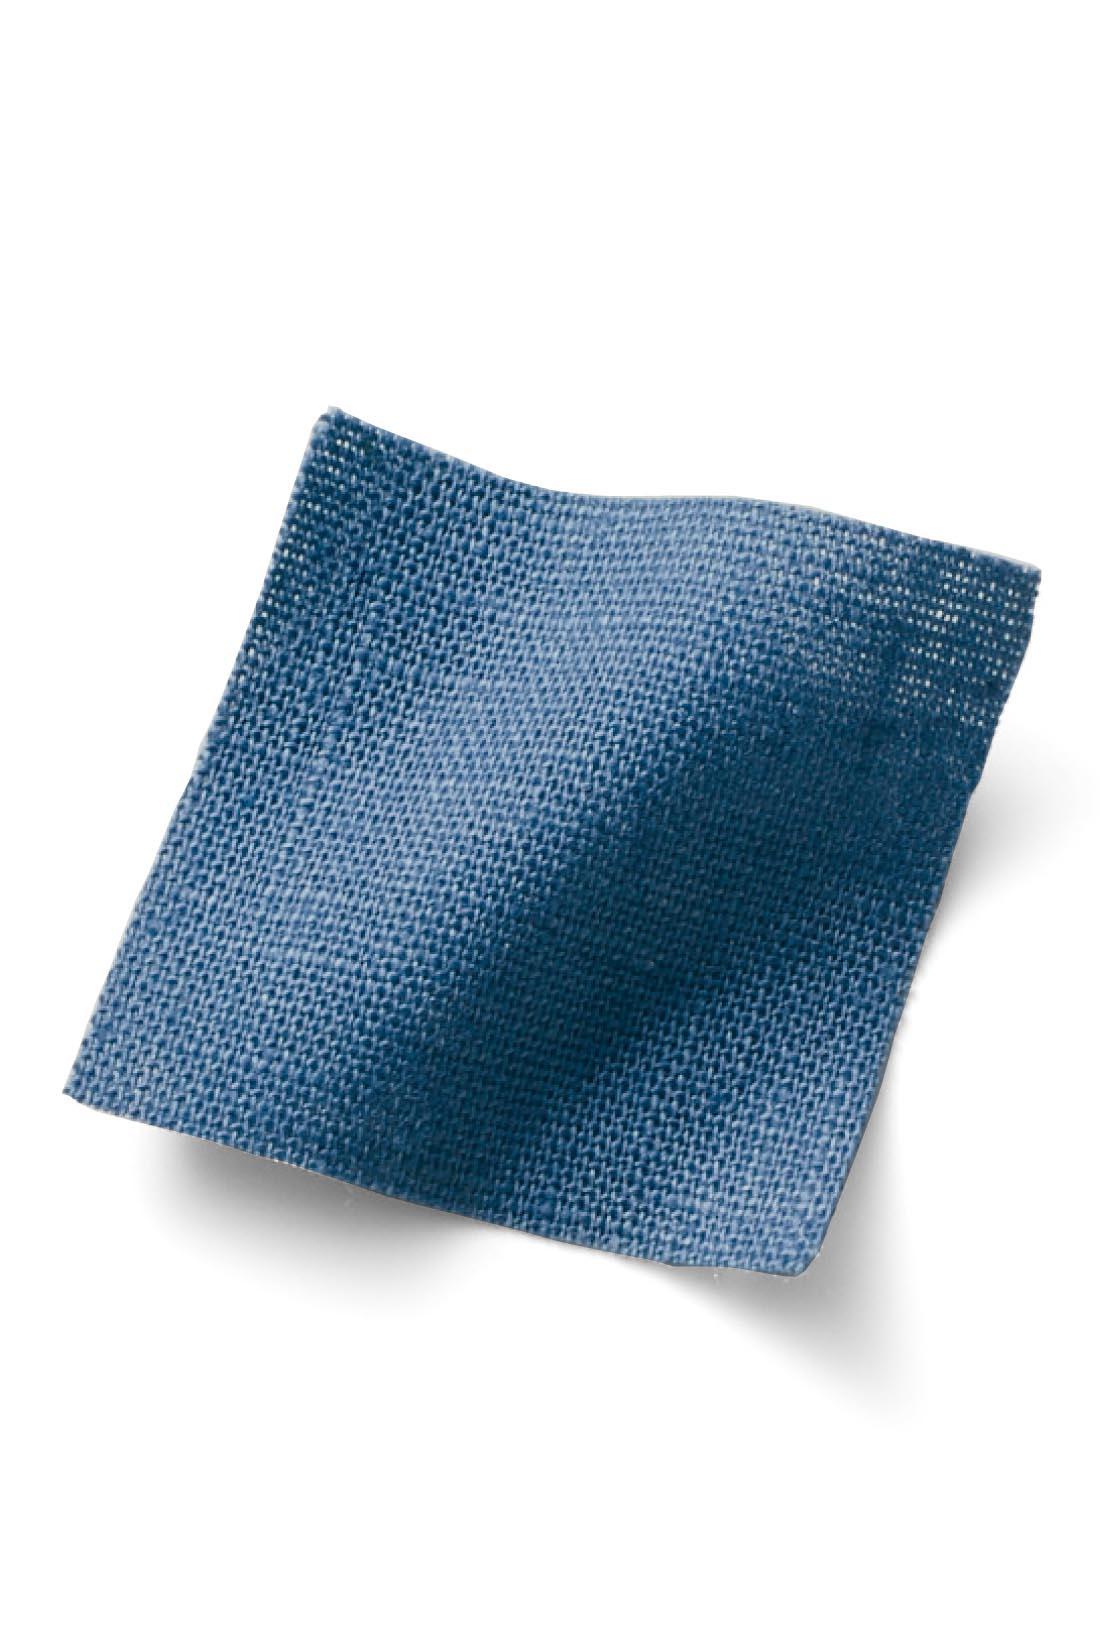 【コットンリネン】 肌心地涼やか。洗いざらしを大人っぽく楽しめる天然素材です。 ※お届けするカラーとは異なります。